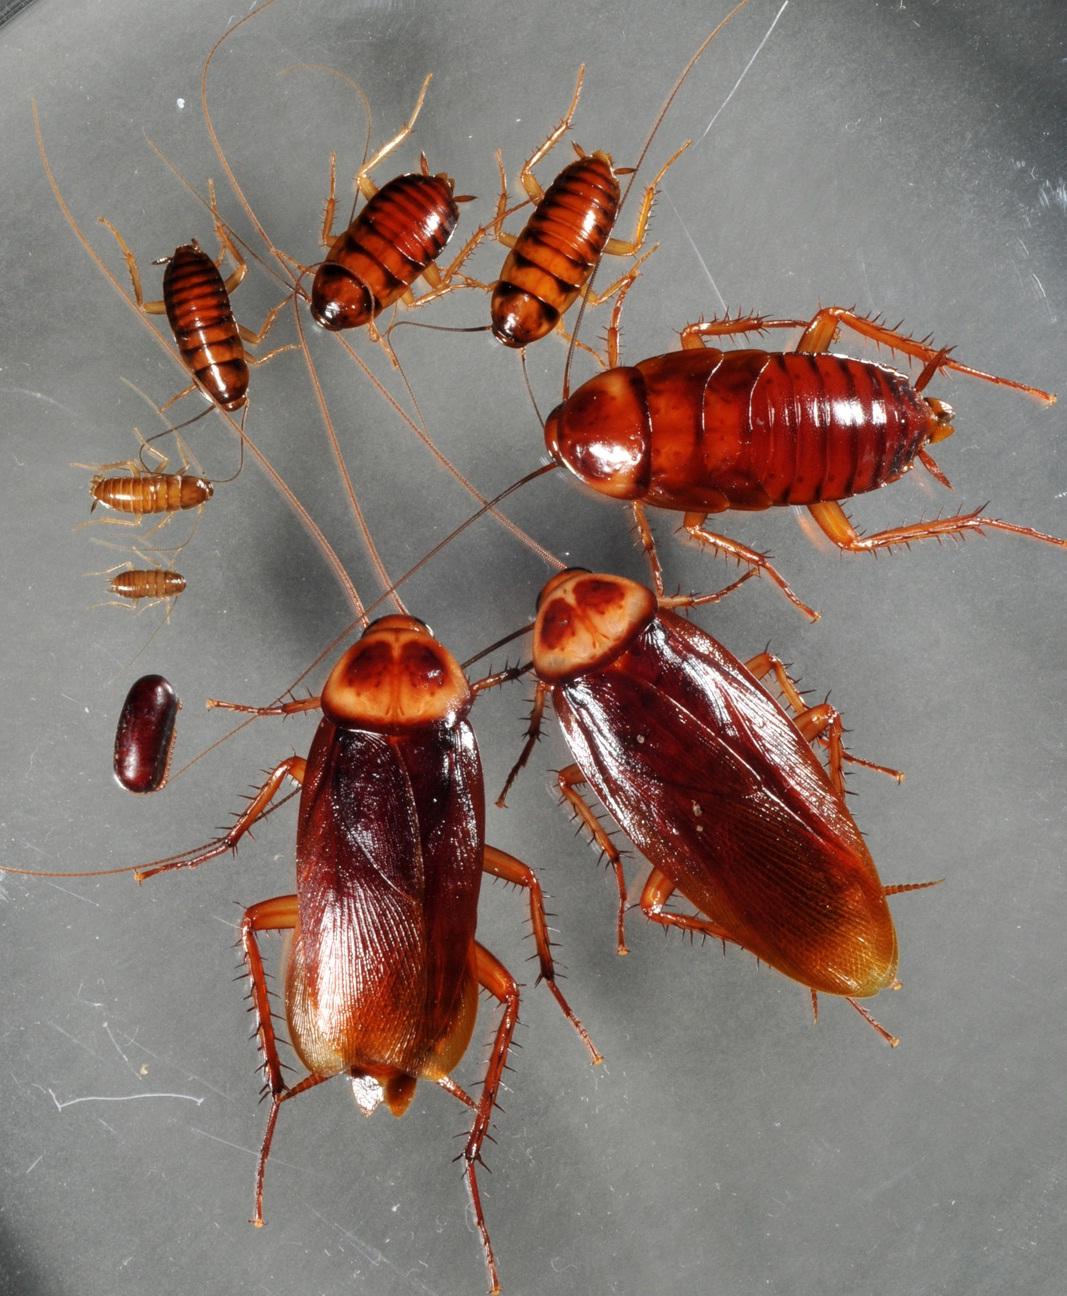 Control de plagas tratamientos y como eliminar cucarachas - Insectos en casa fotos ...